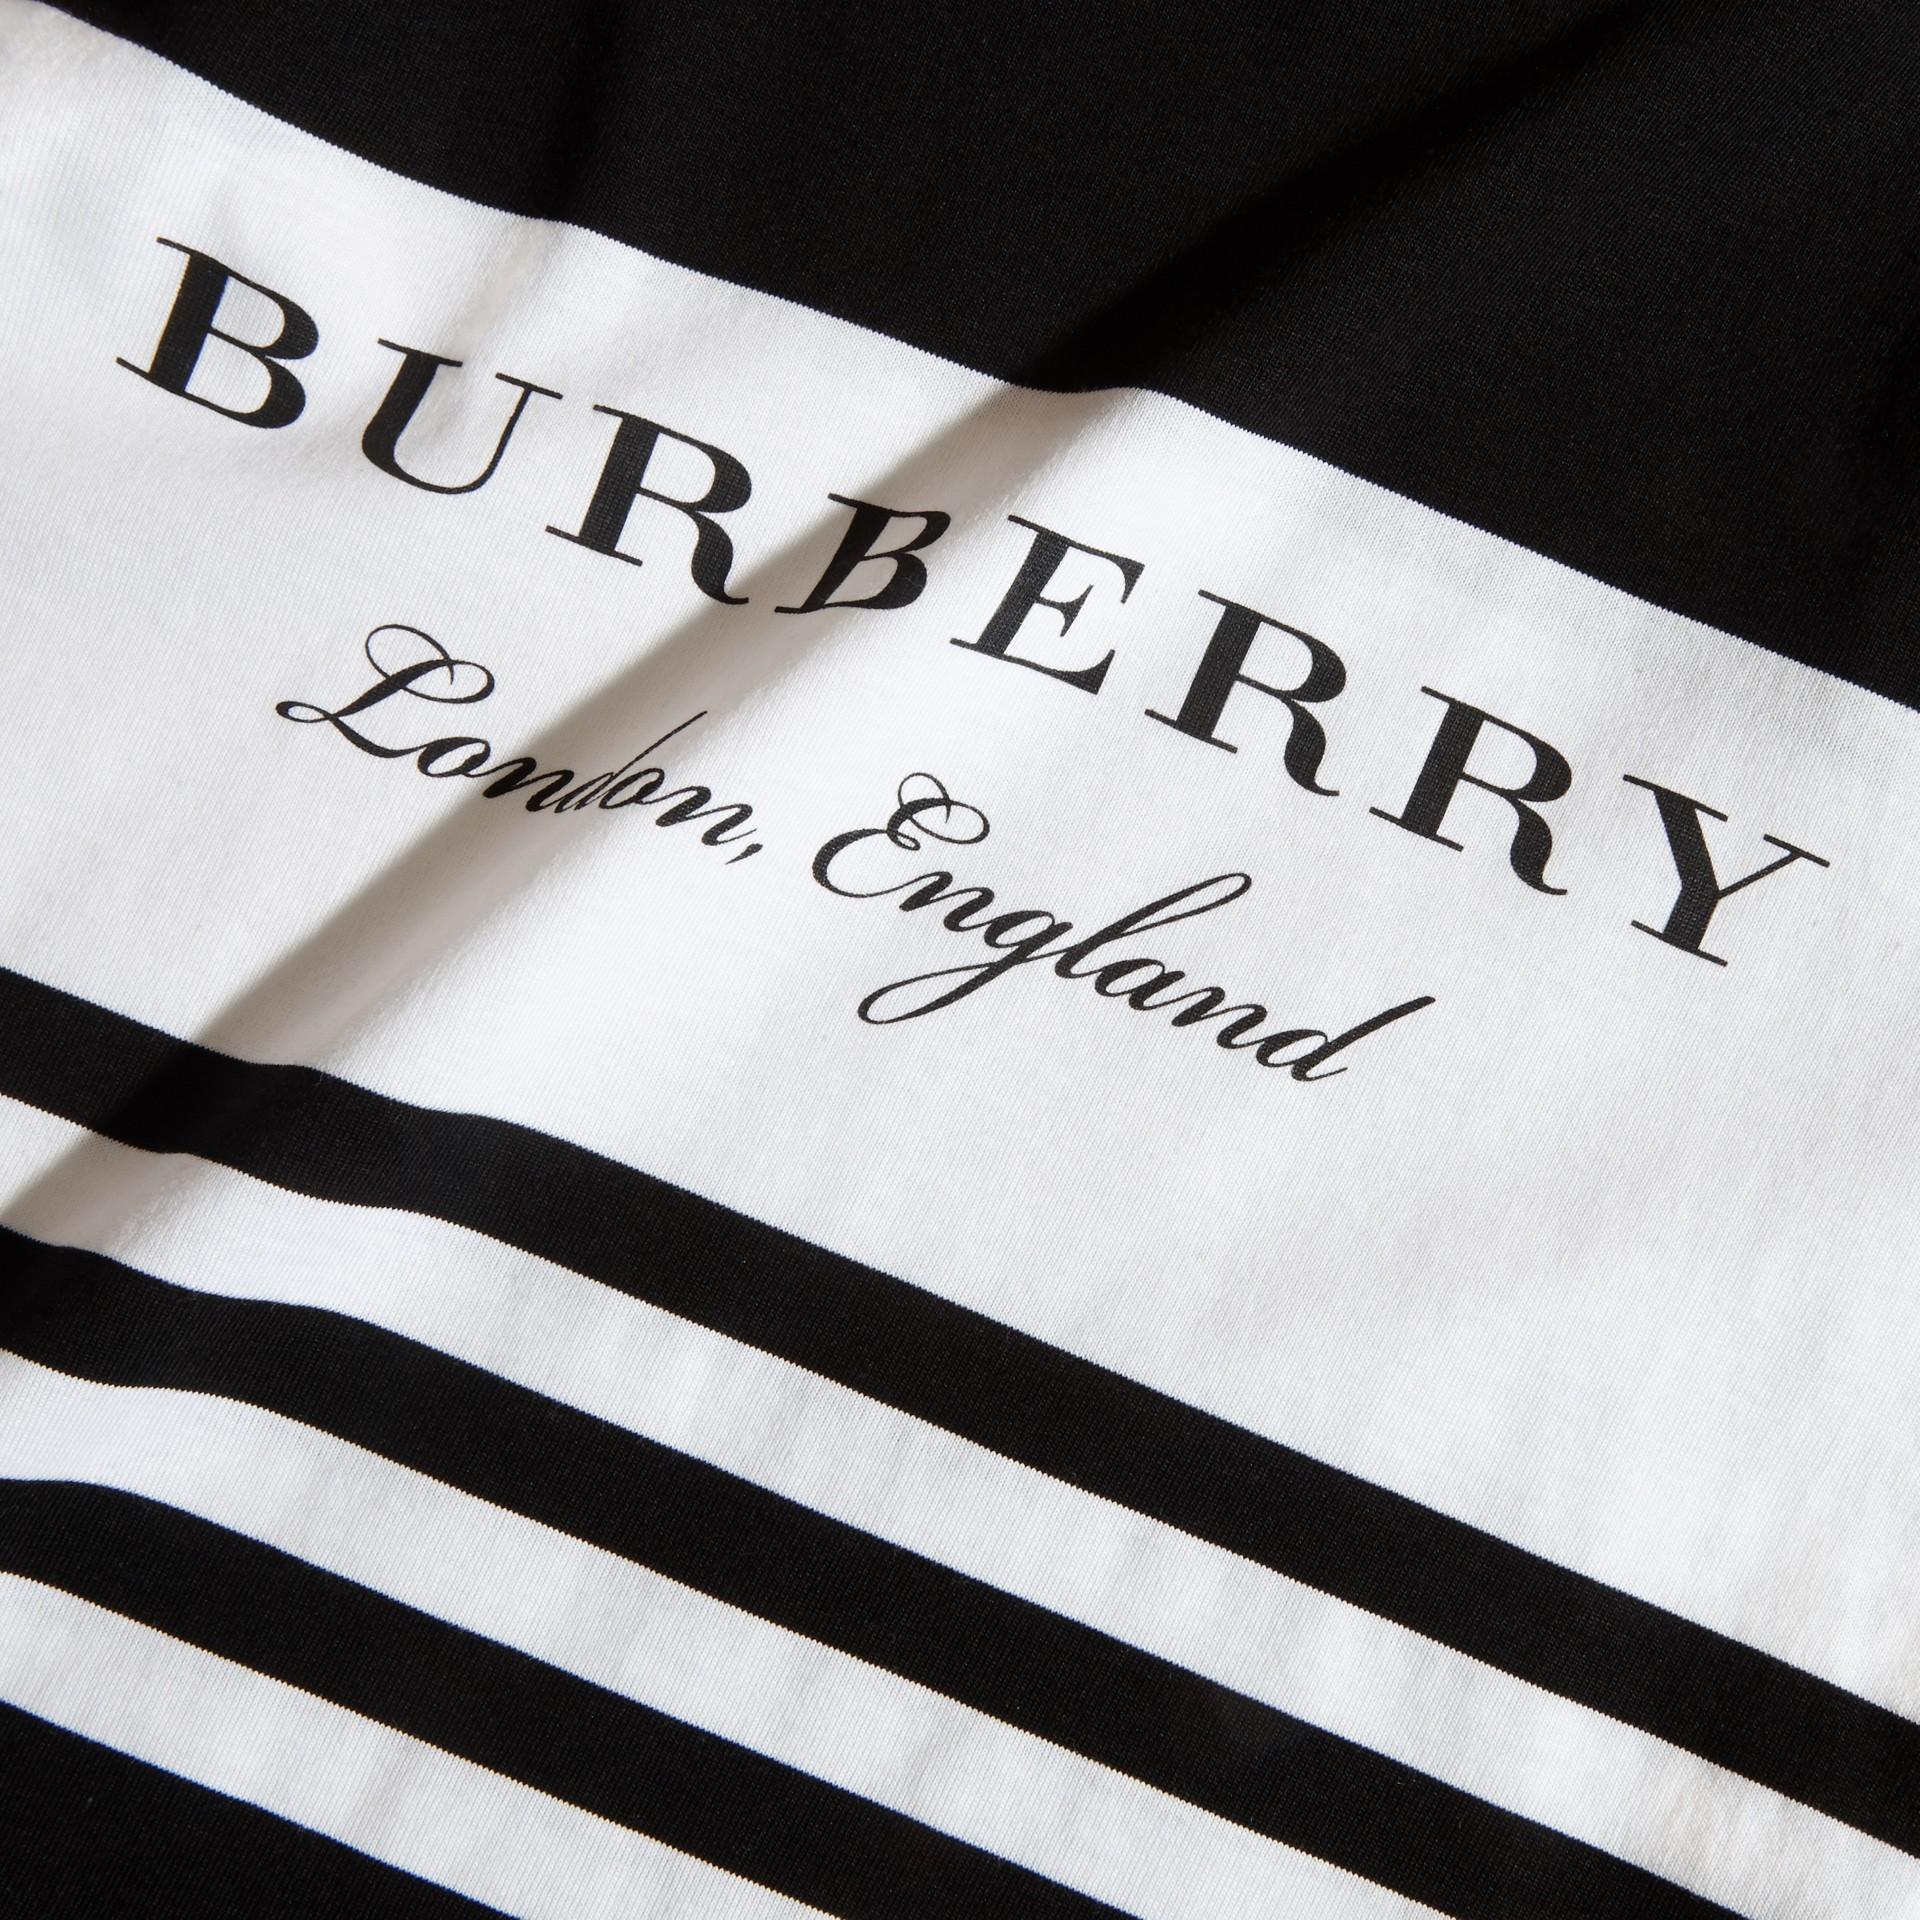 Nero T-shirt a maniche lunghe in cotone a righe Nero - immagine della galleria 2